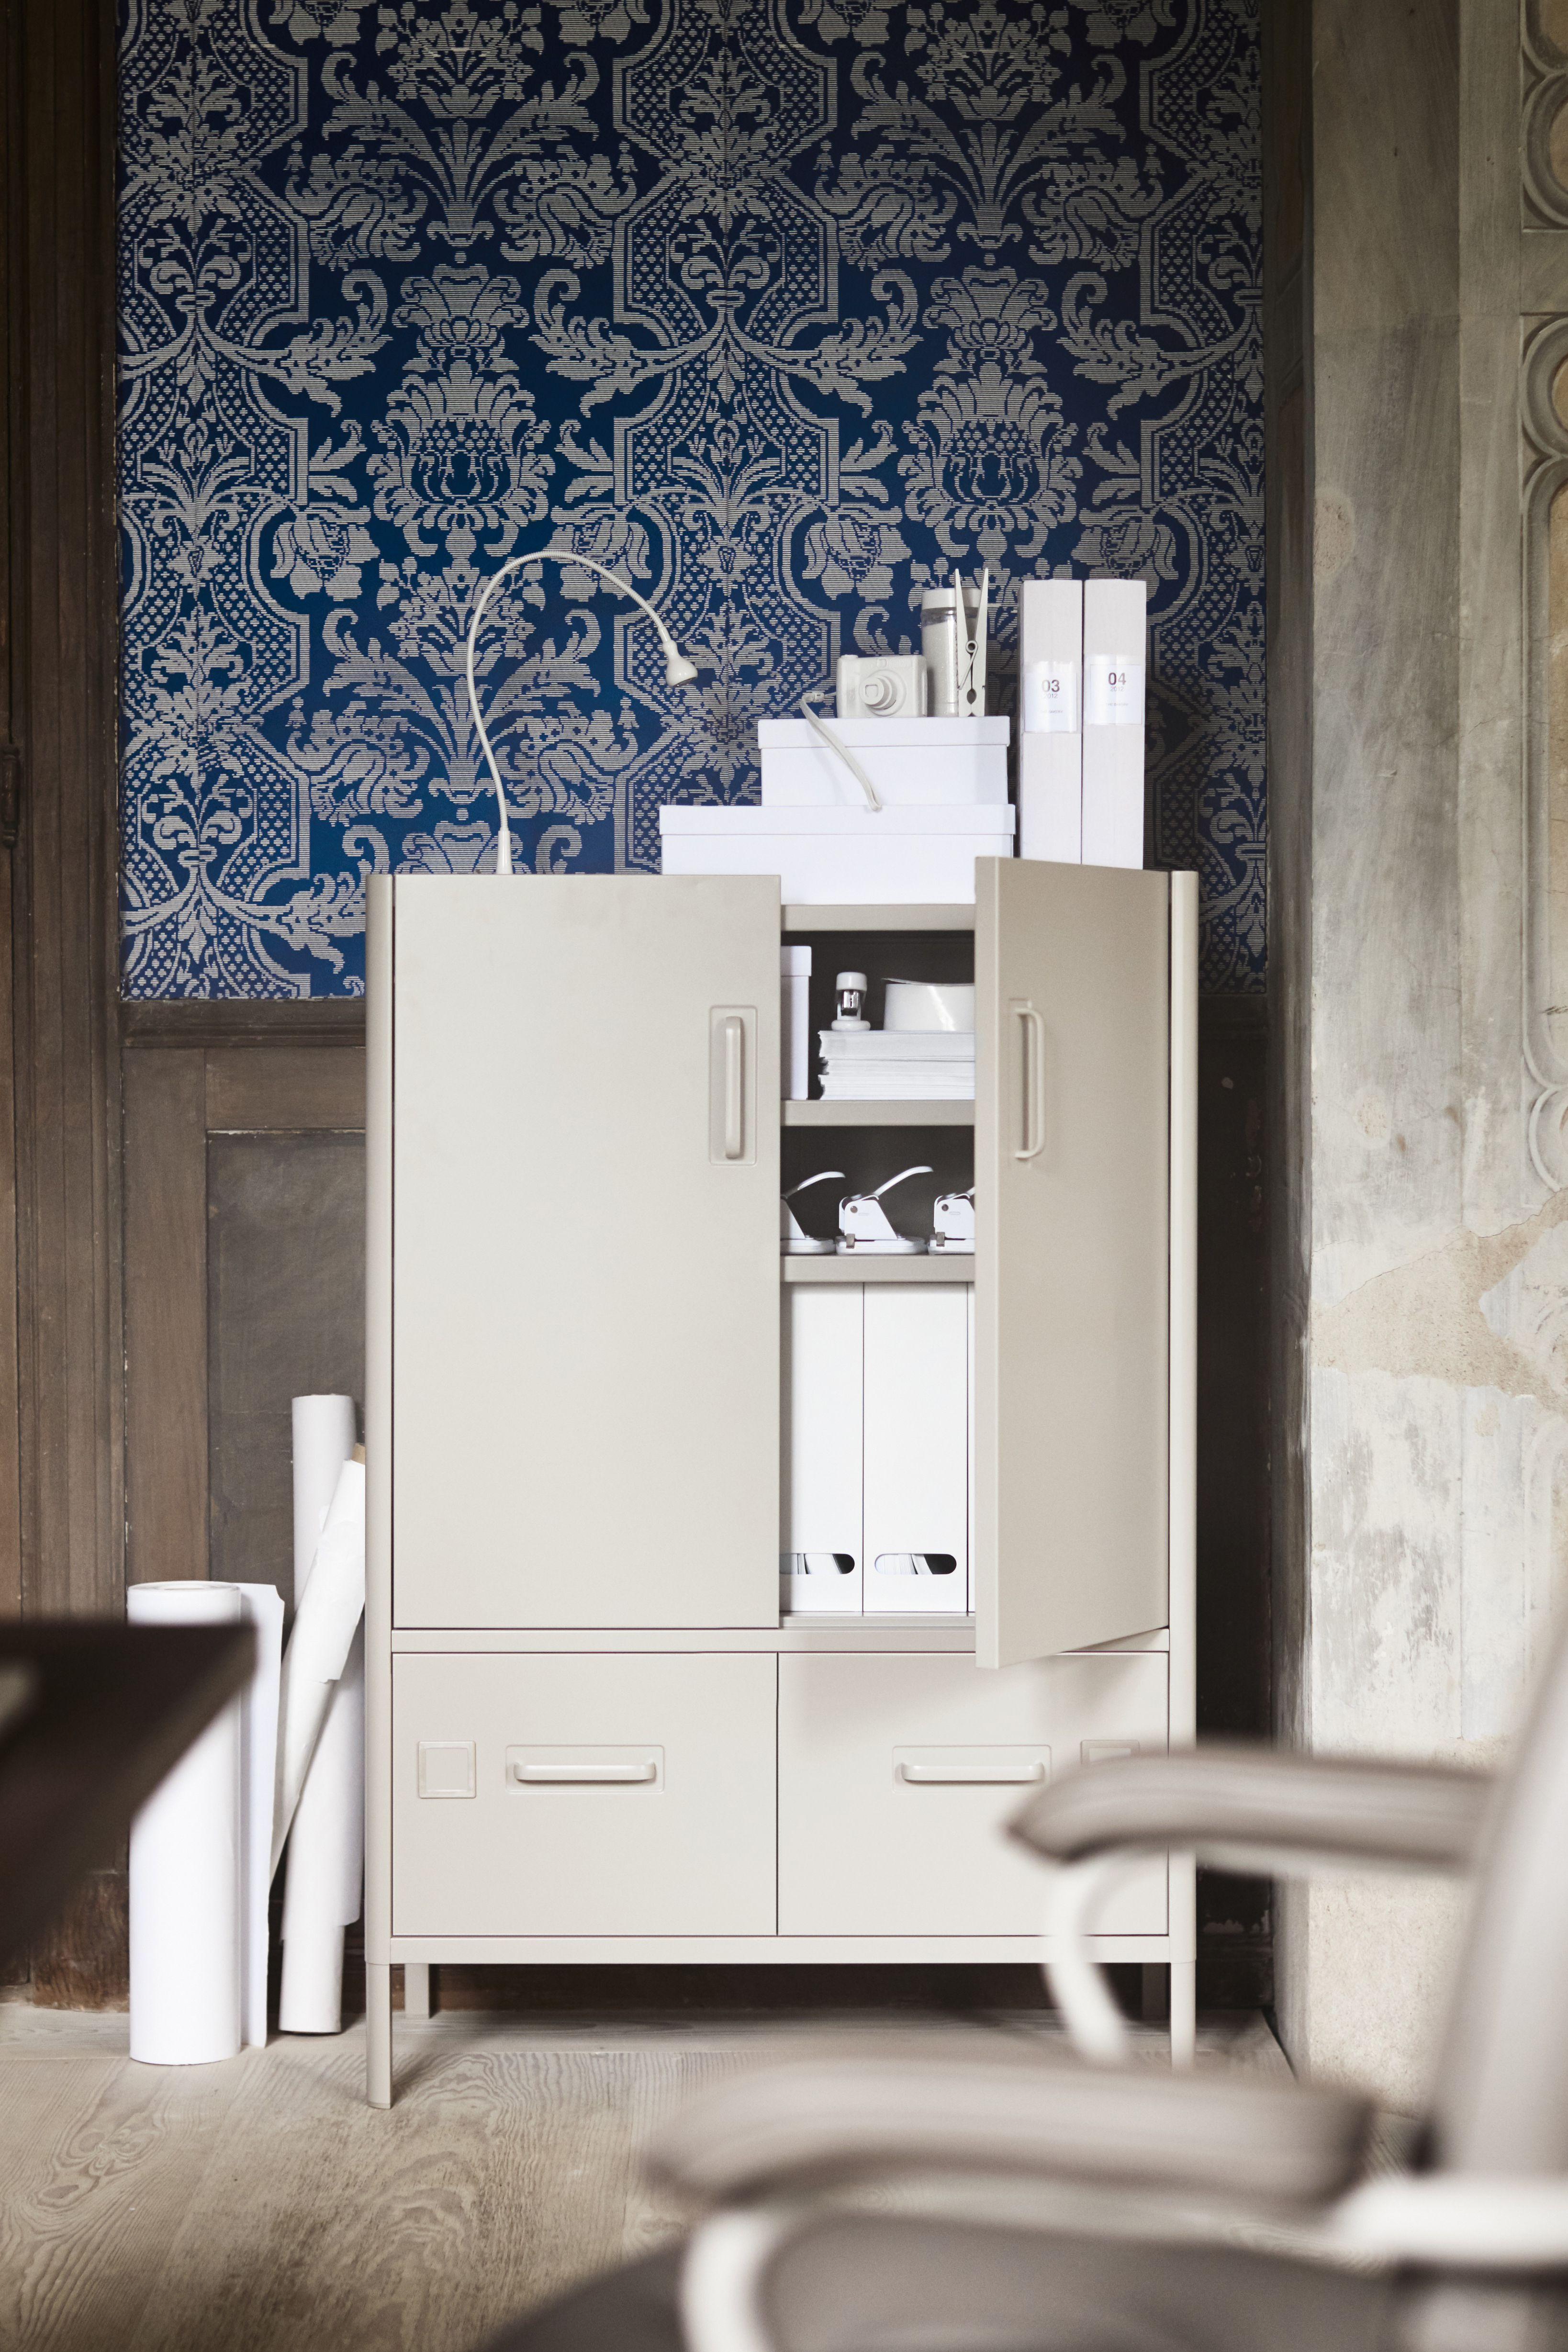 Ikea Deutschland Hier Kommt Idasen Die Neue Serie Moderner